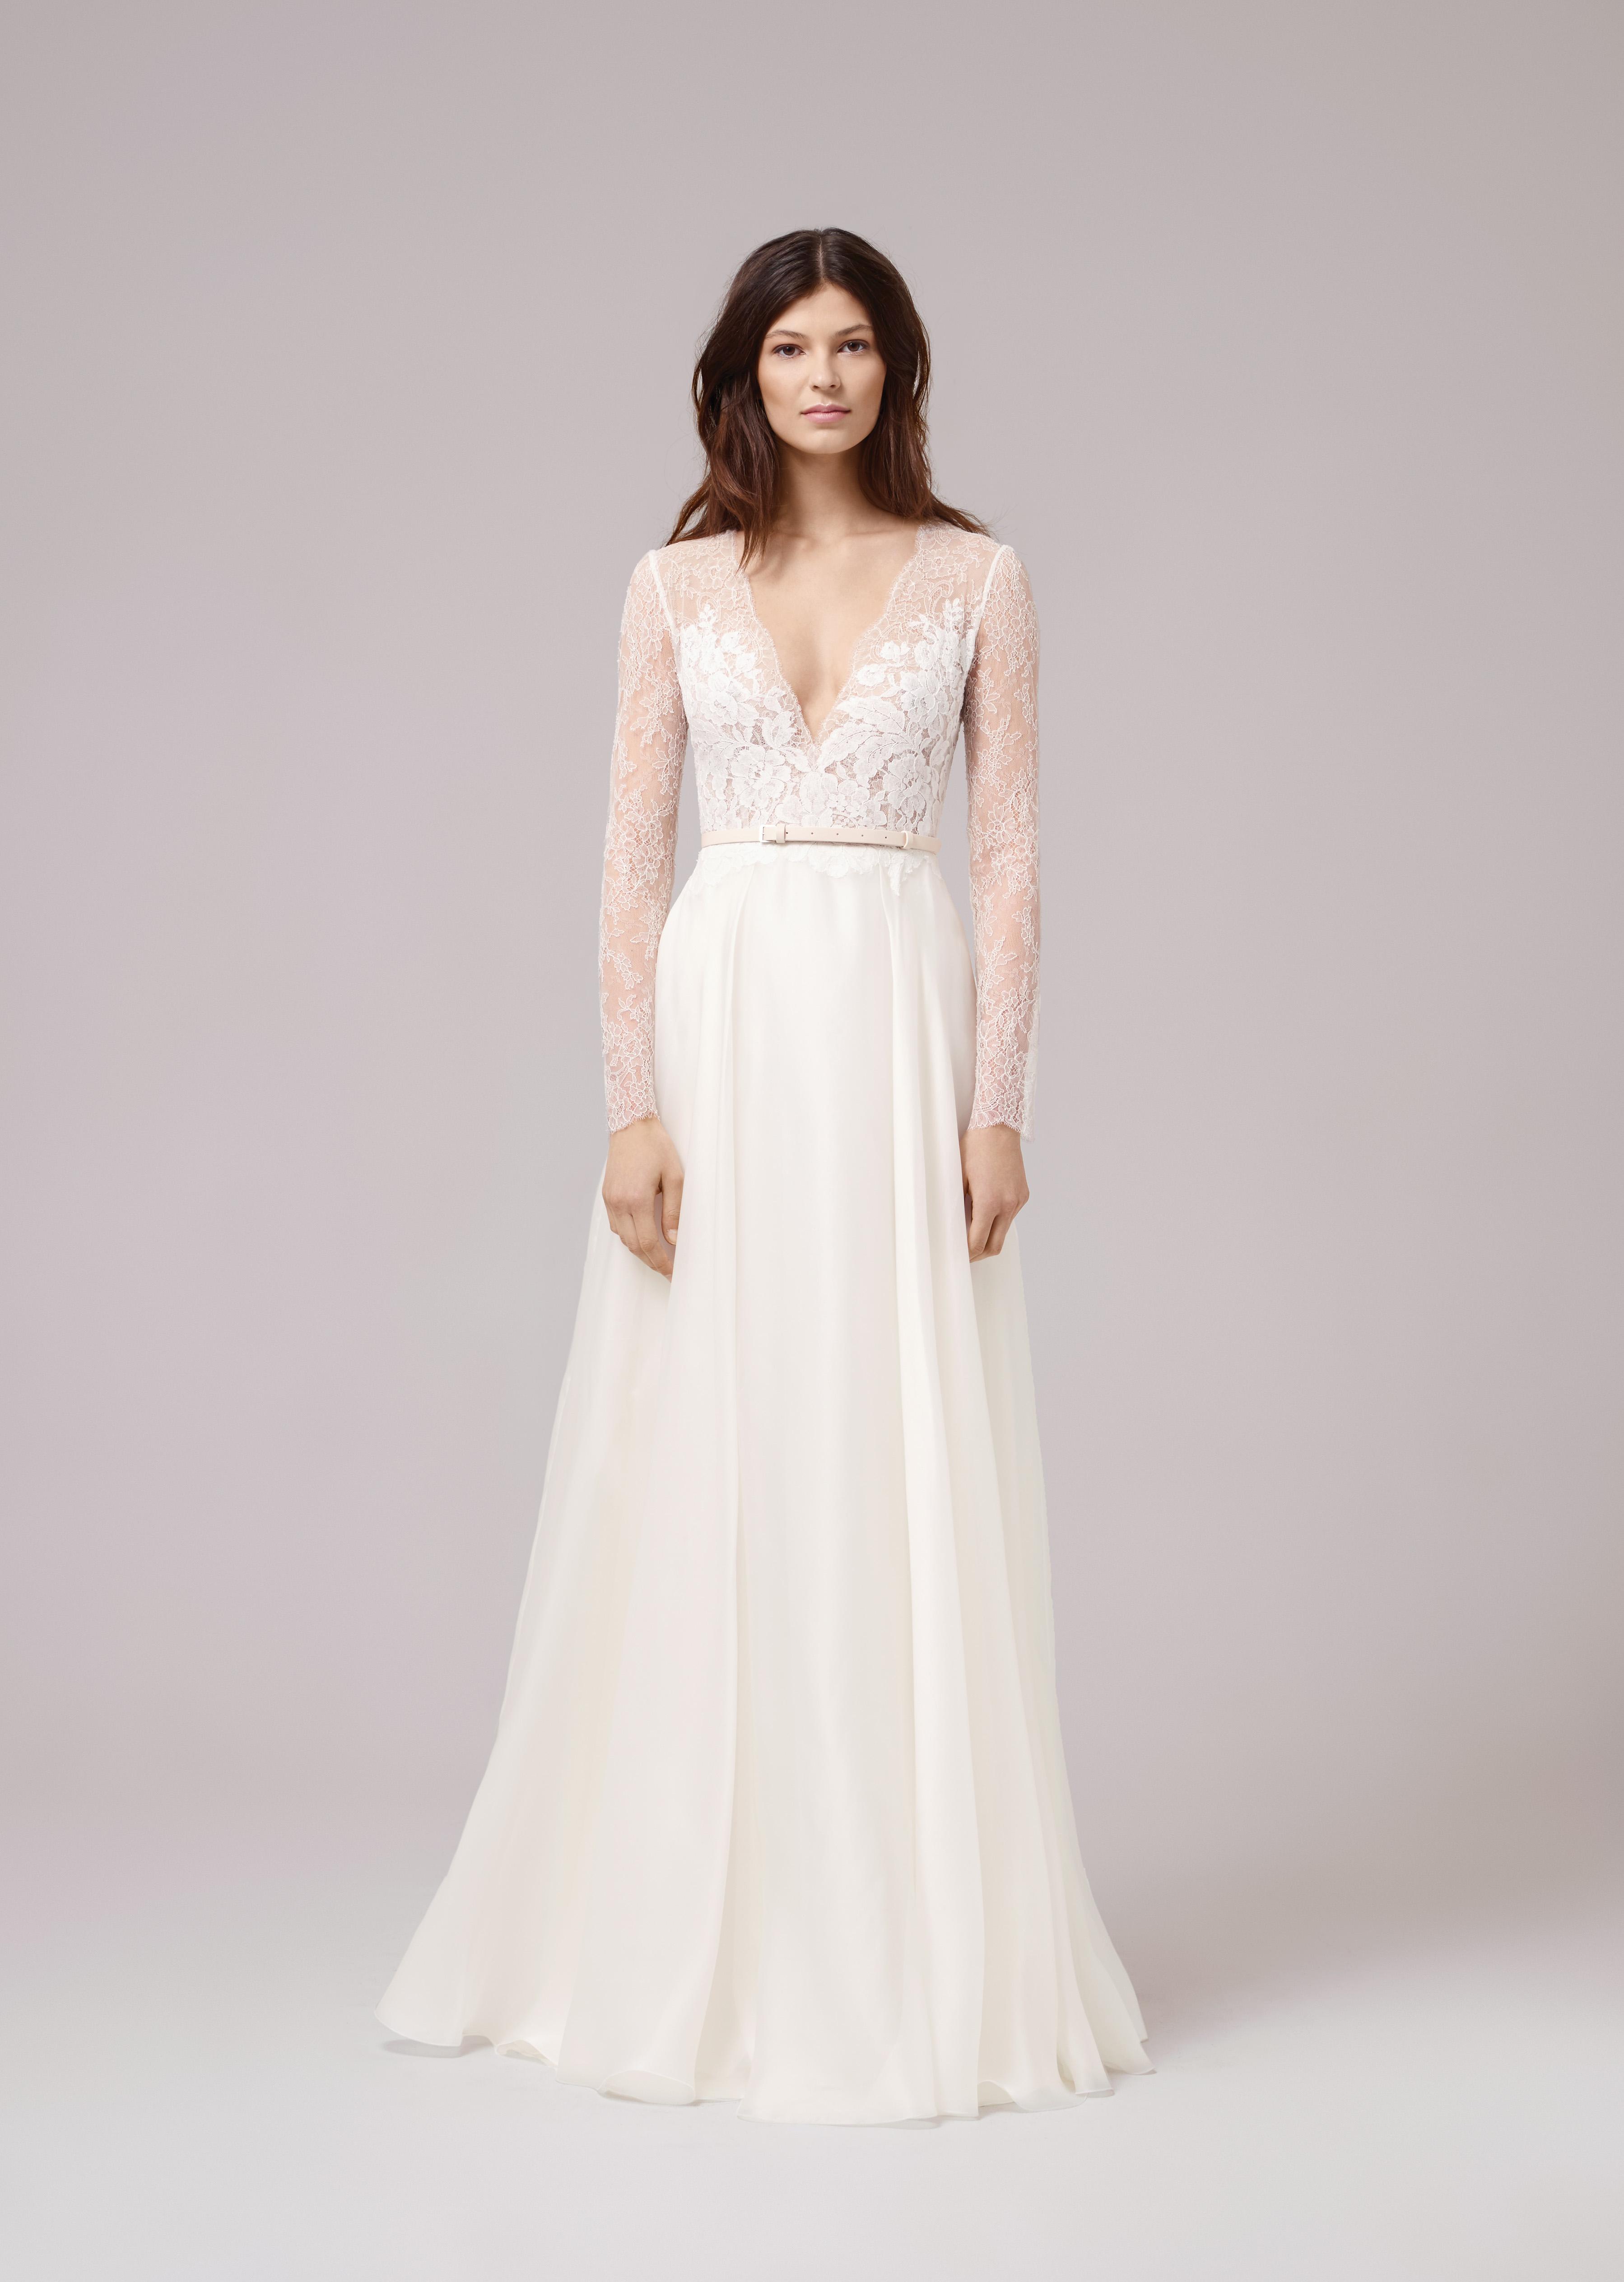 0bd300352e ARTTREND wedding designer Suknie ANNA KARA 2017